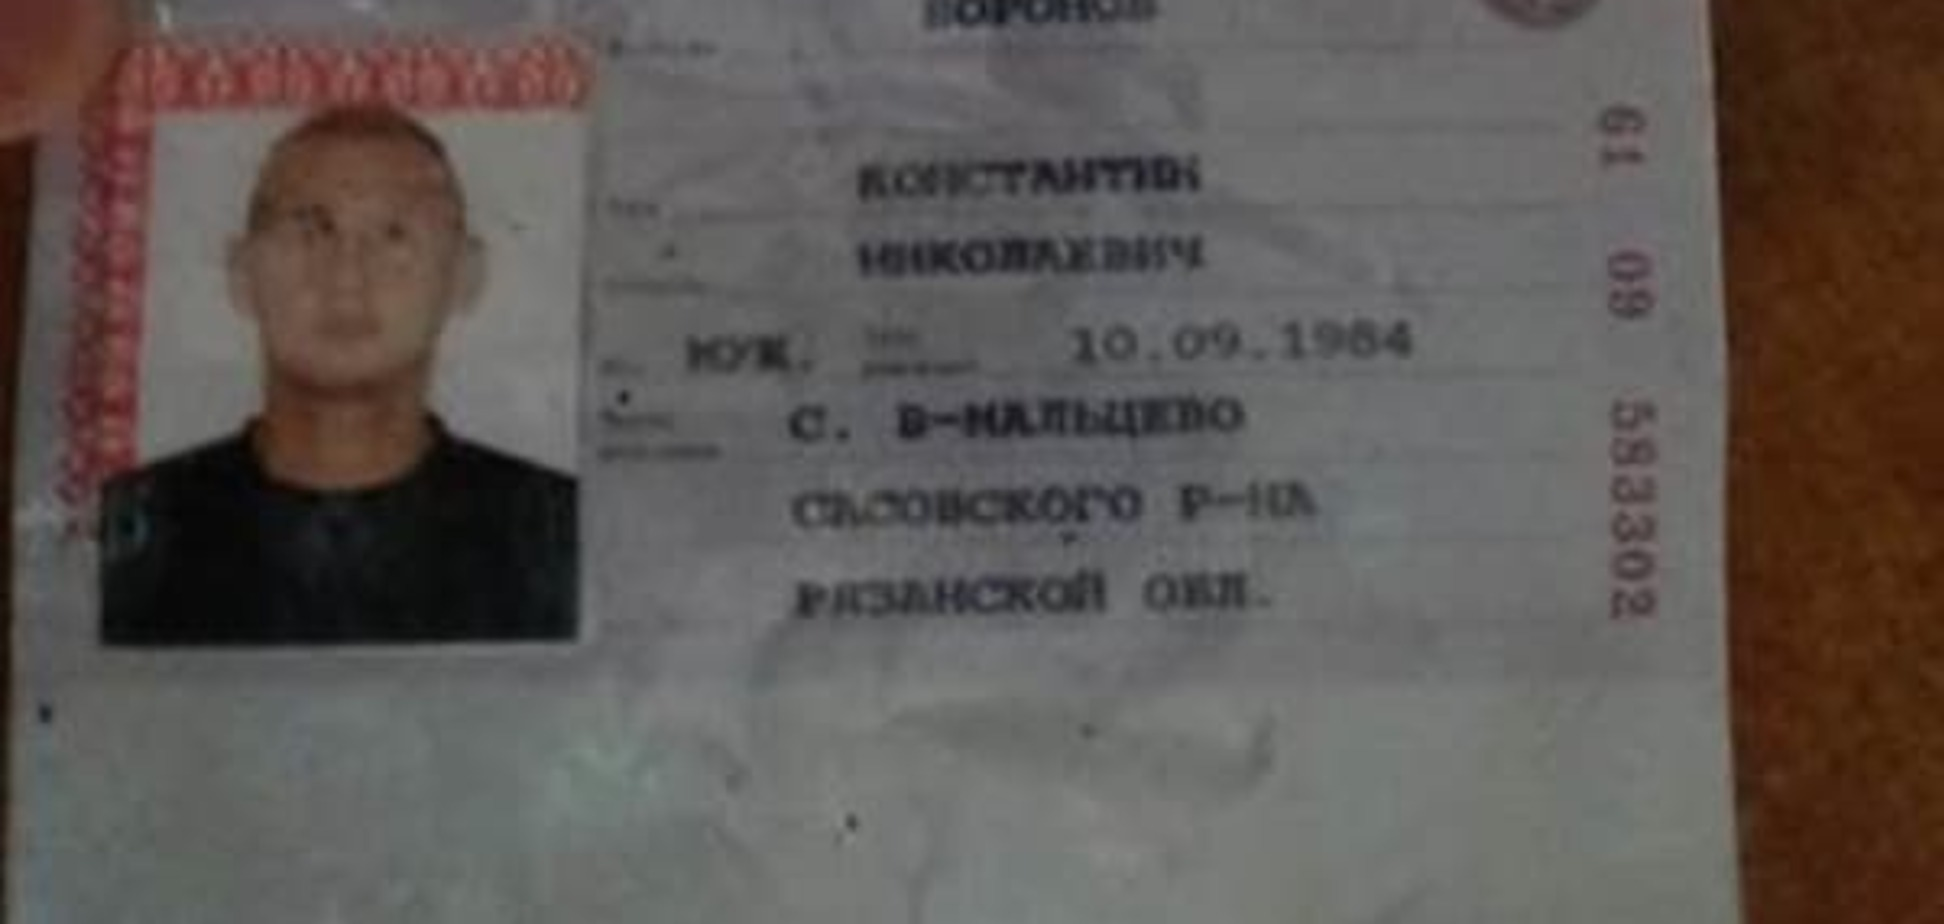 СБУ затримала на Донбасі раніше судимого найманця з Росії: опубліковані фото і відео